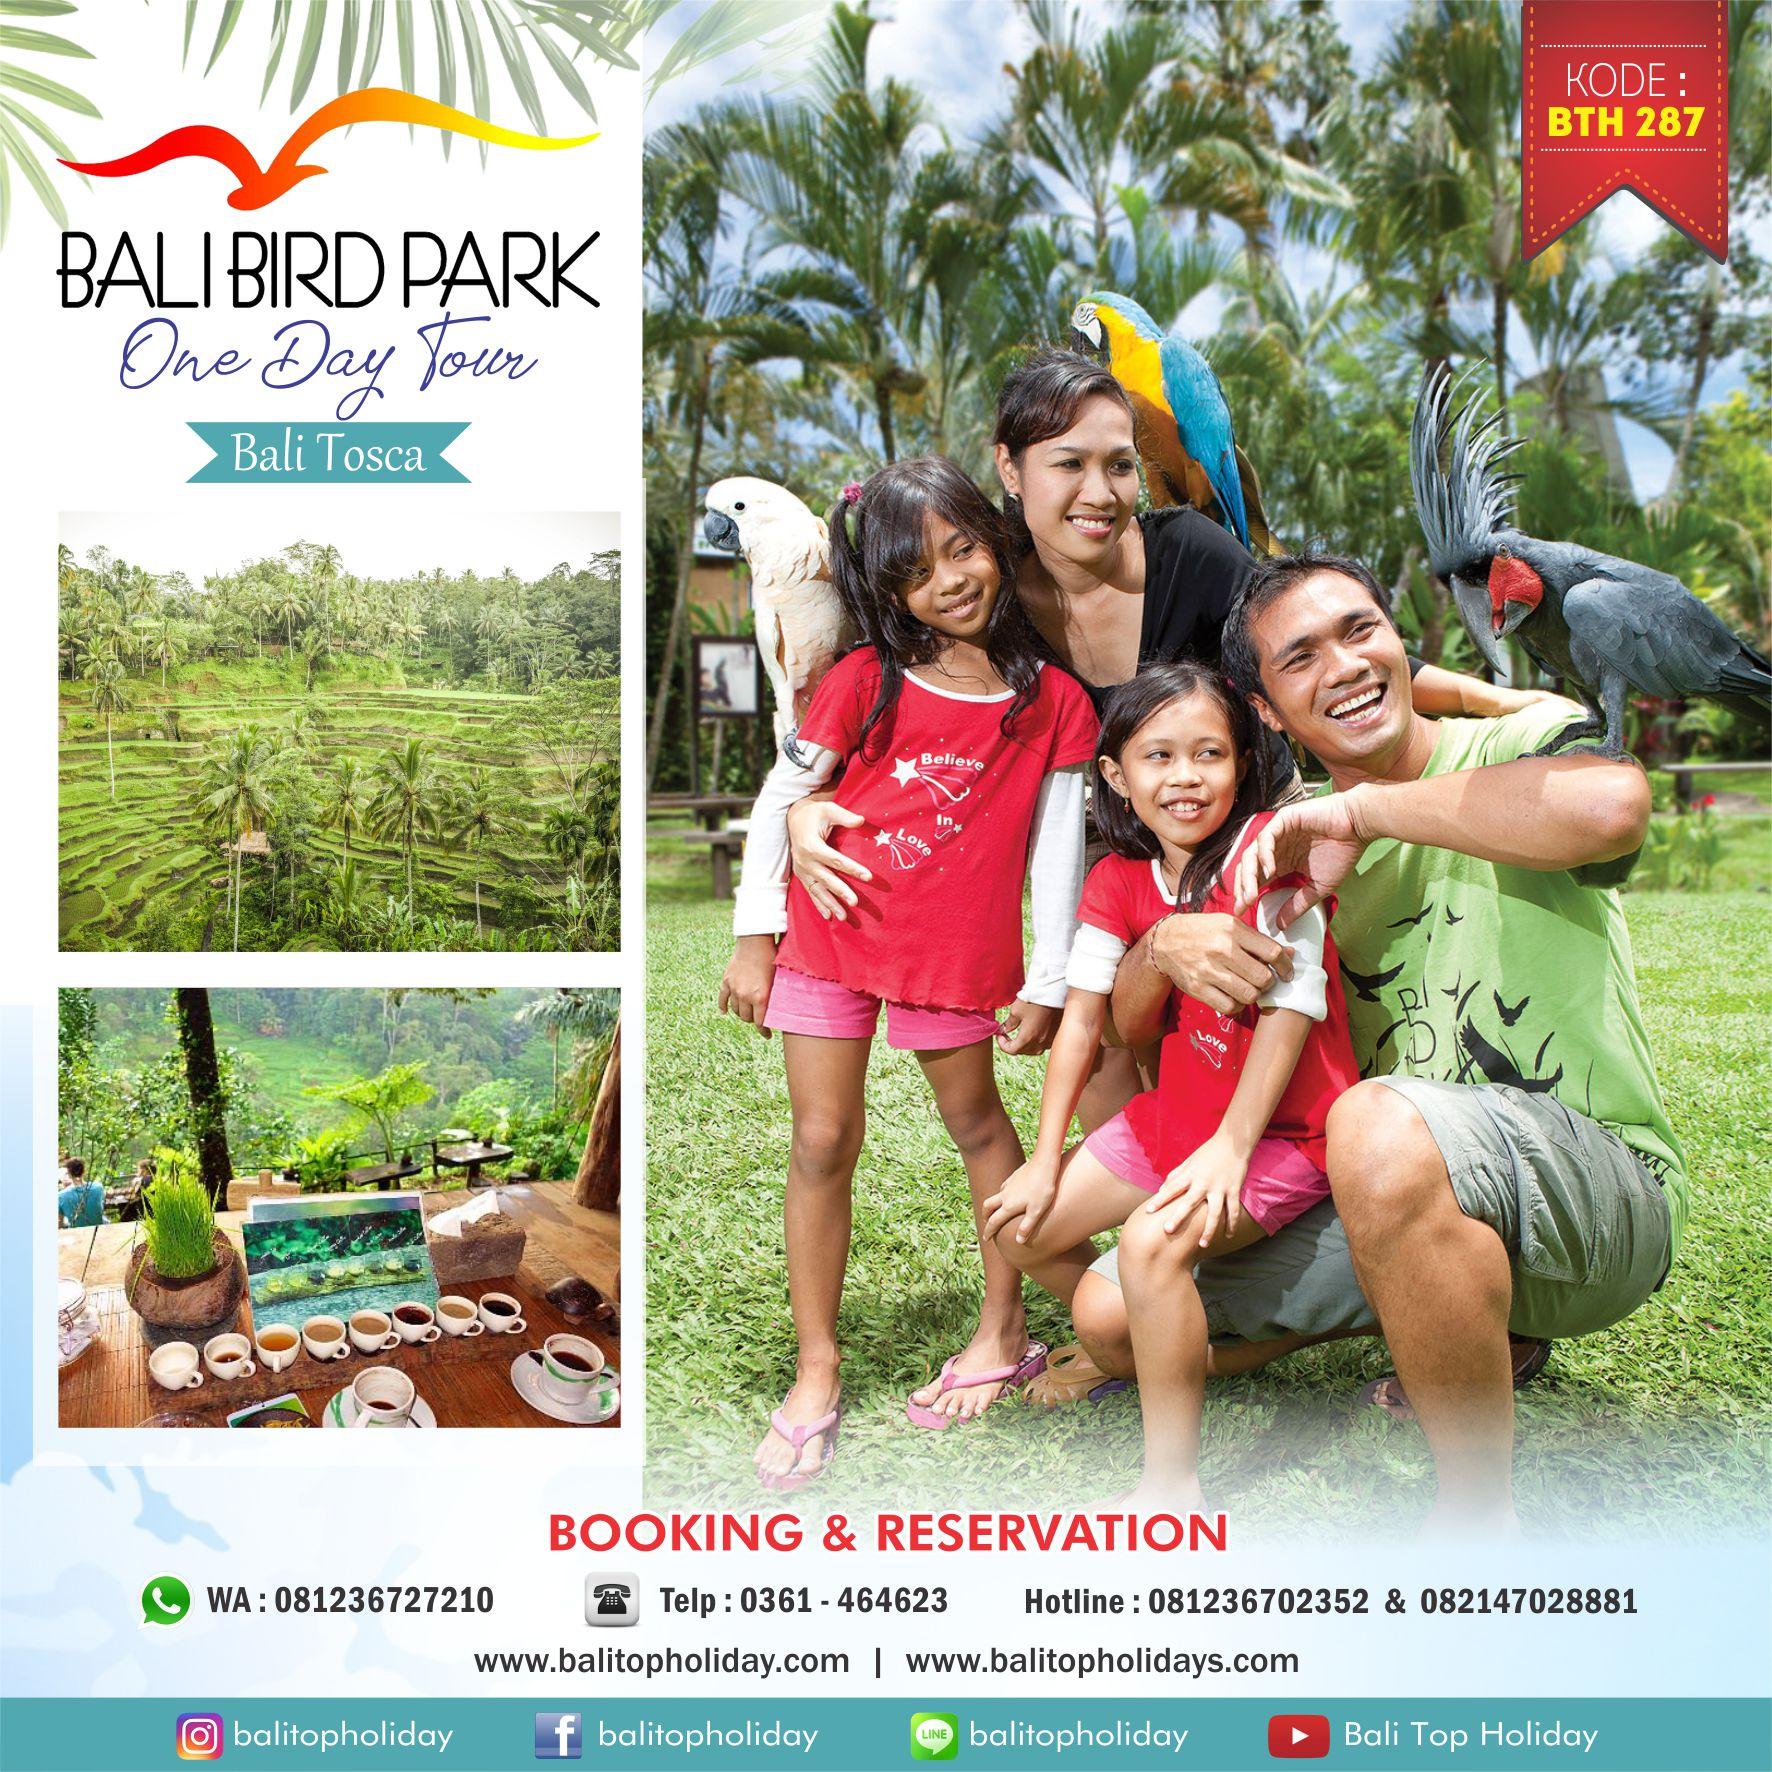 Paket tour bali bird park 1 hari